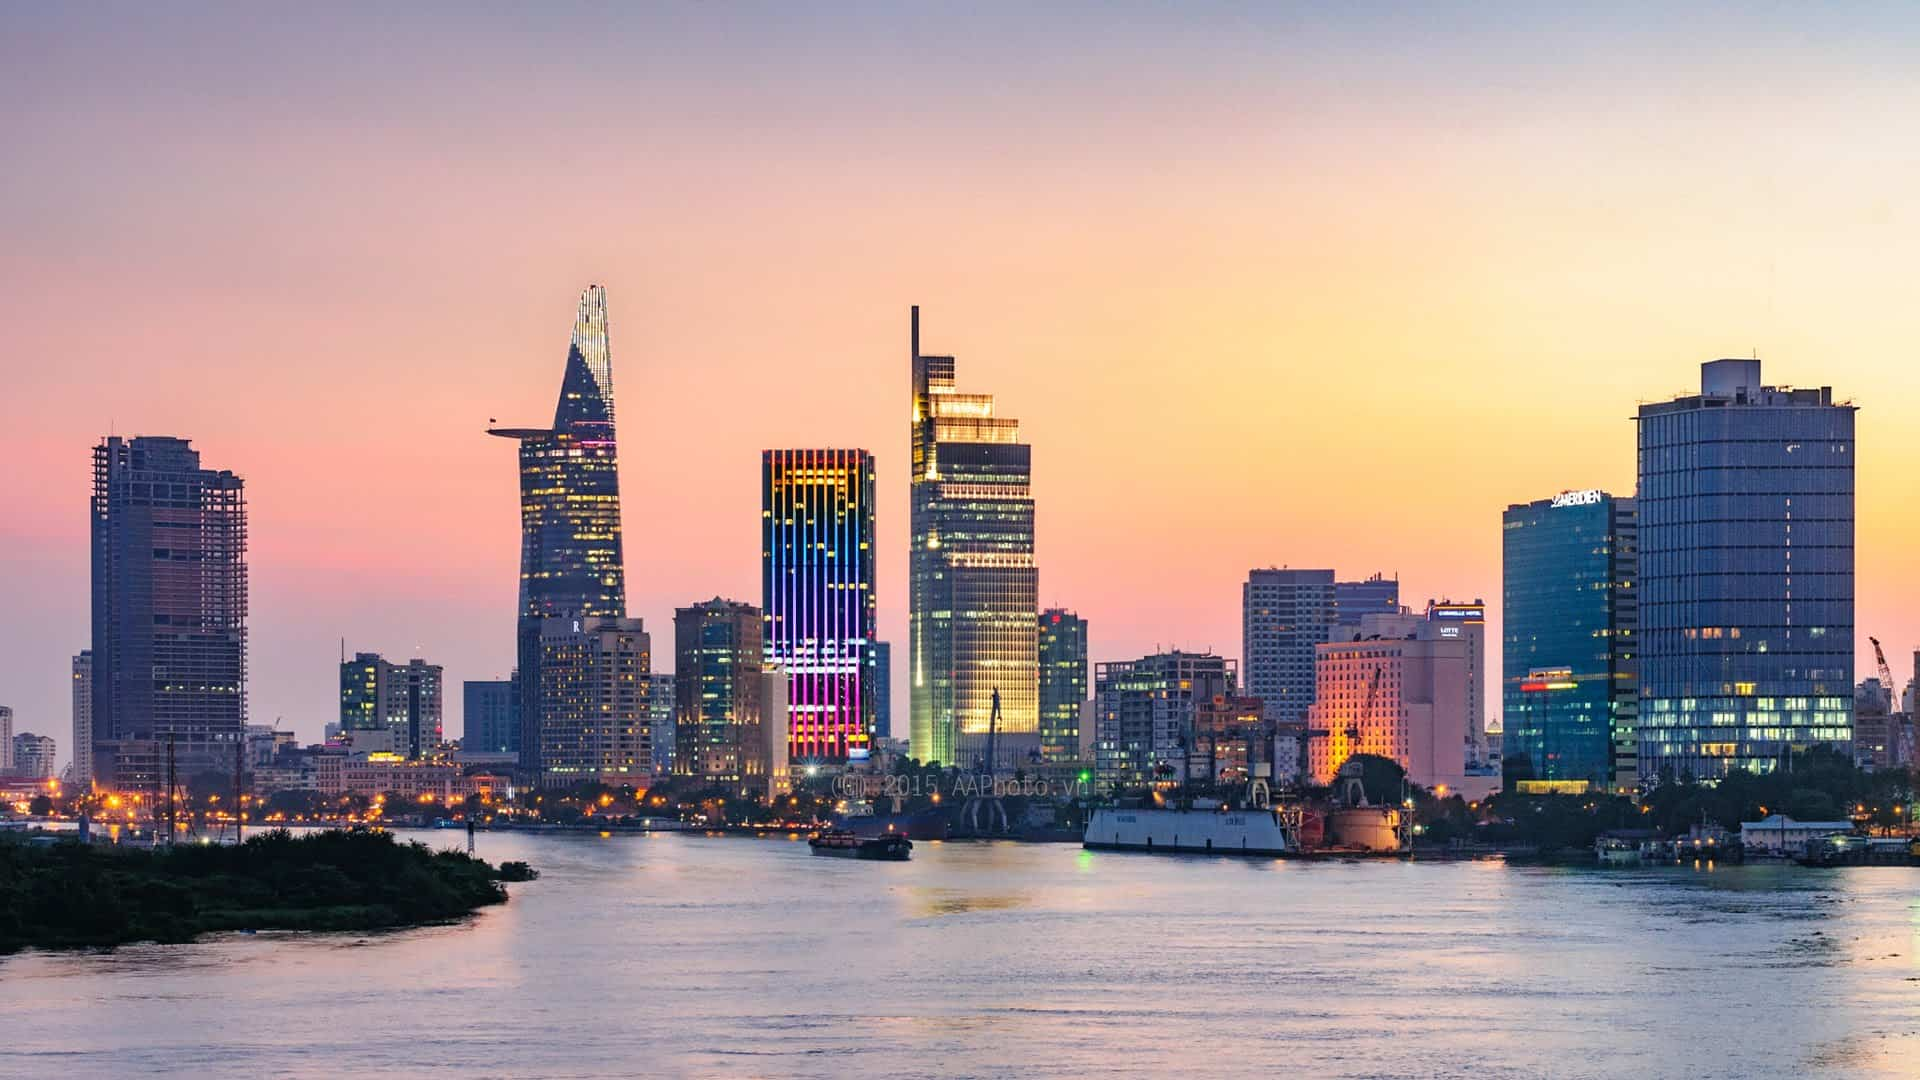 Du lịch Sài Gòn – Cẩm nang kinh nghiệm từ A đến Z